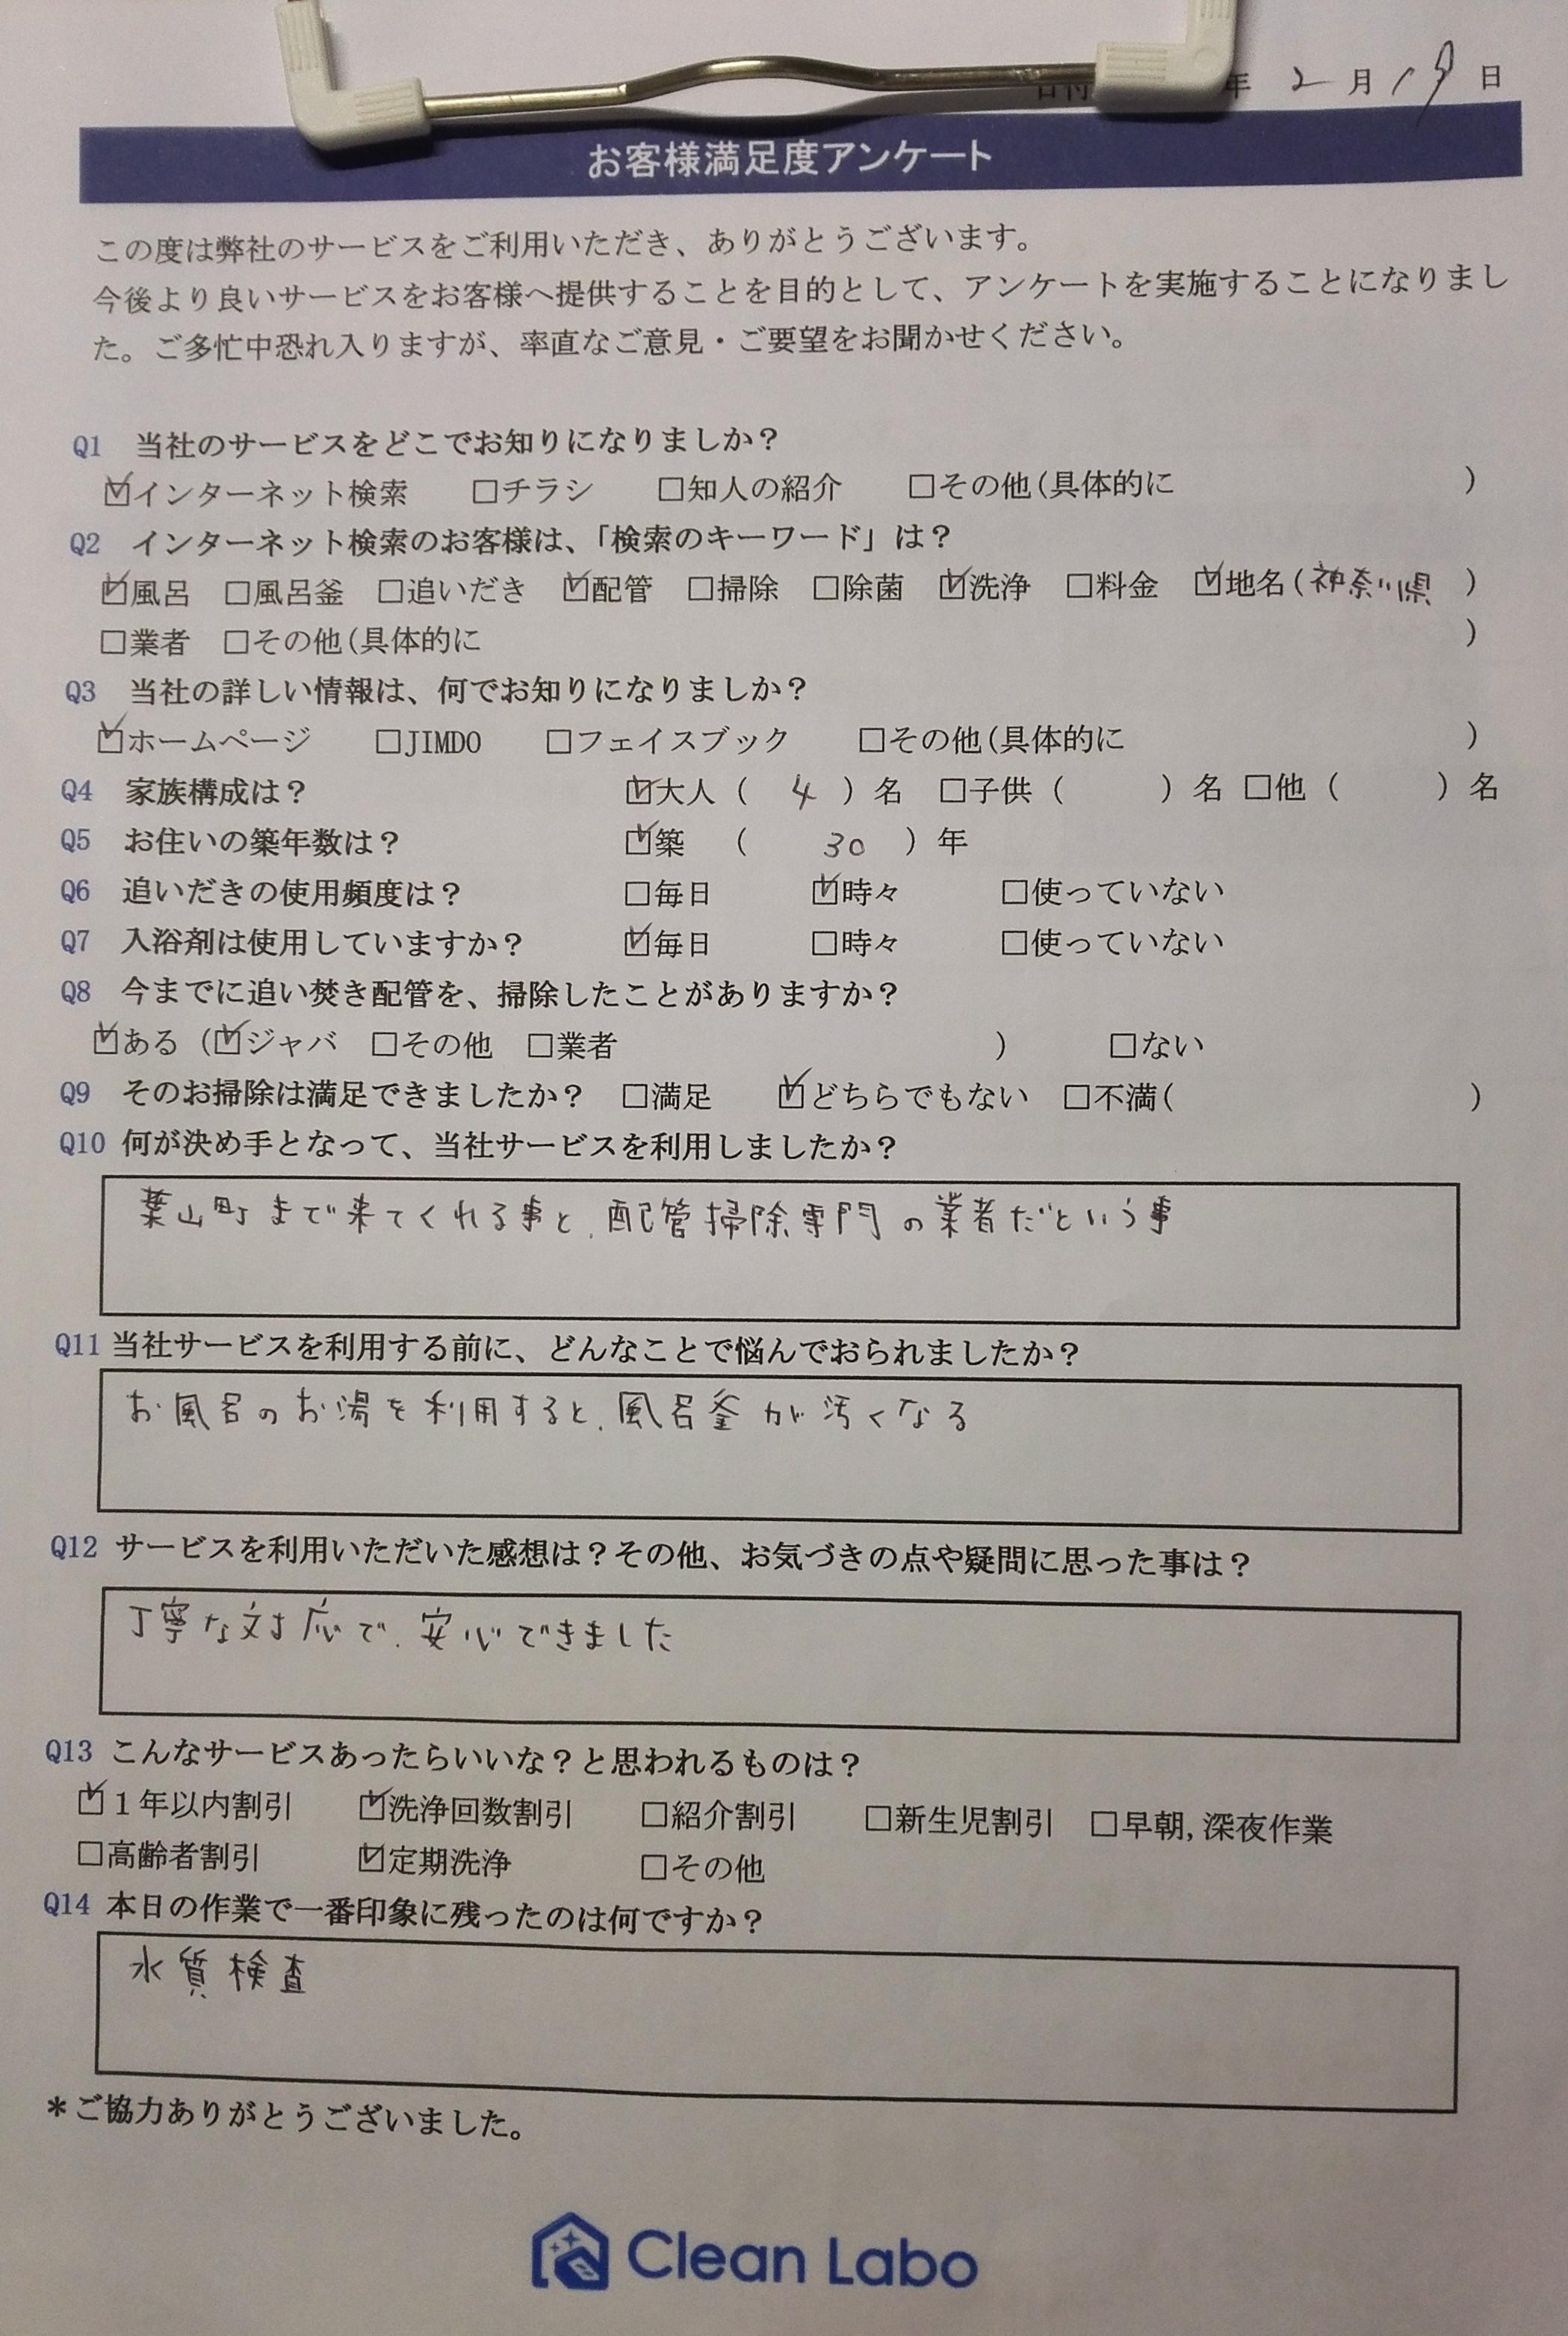 葉山Aアンケート